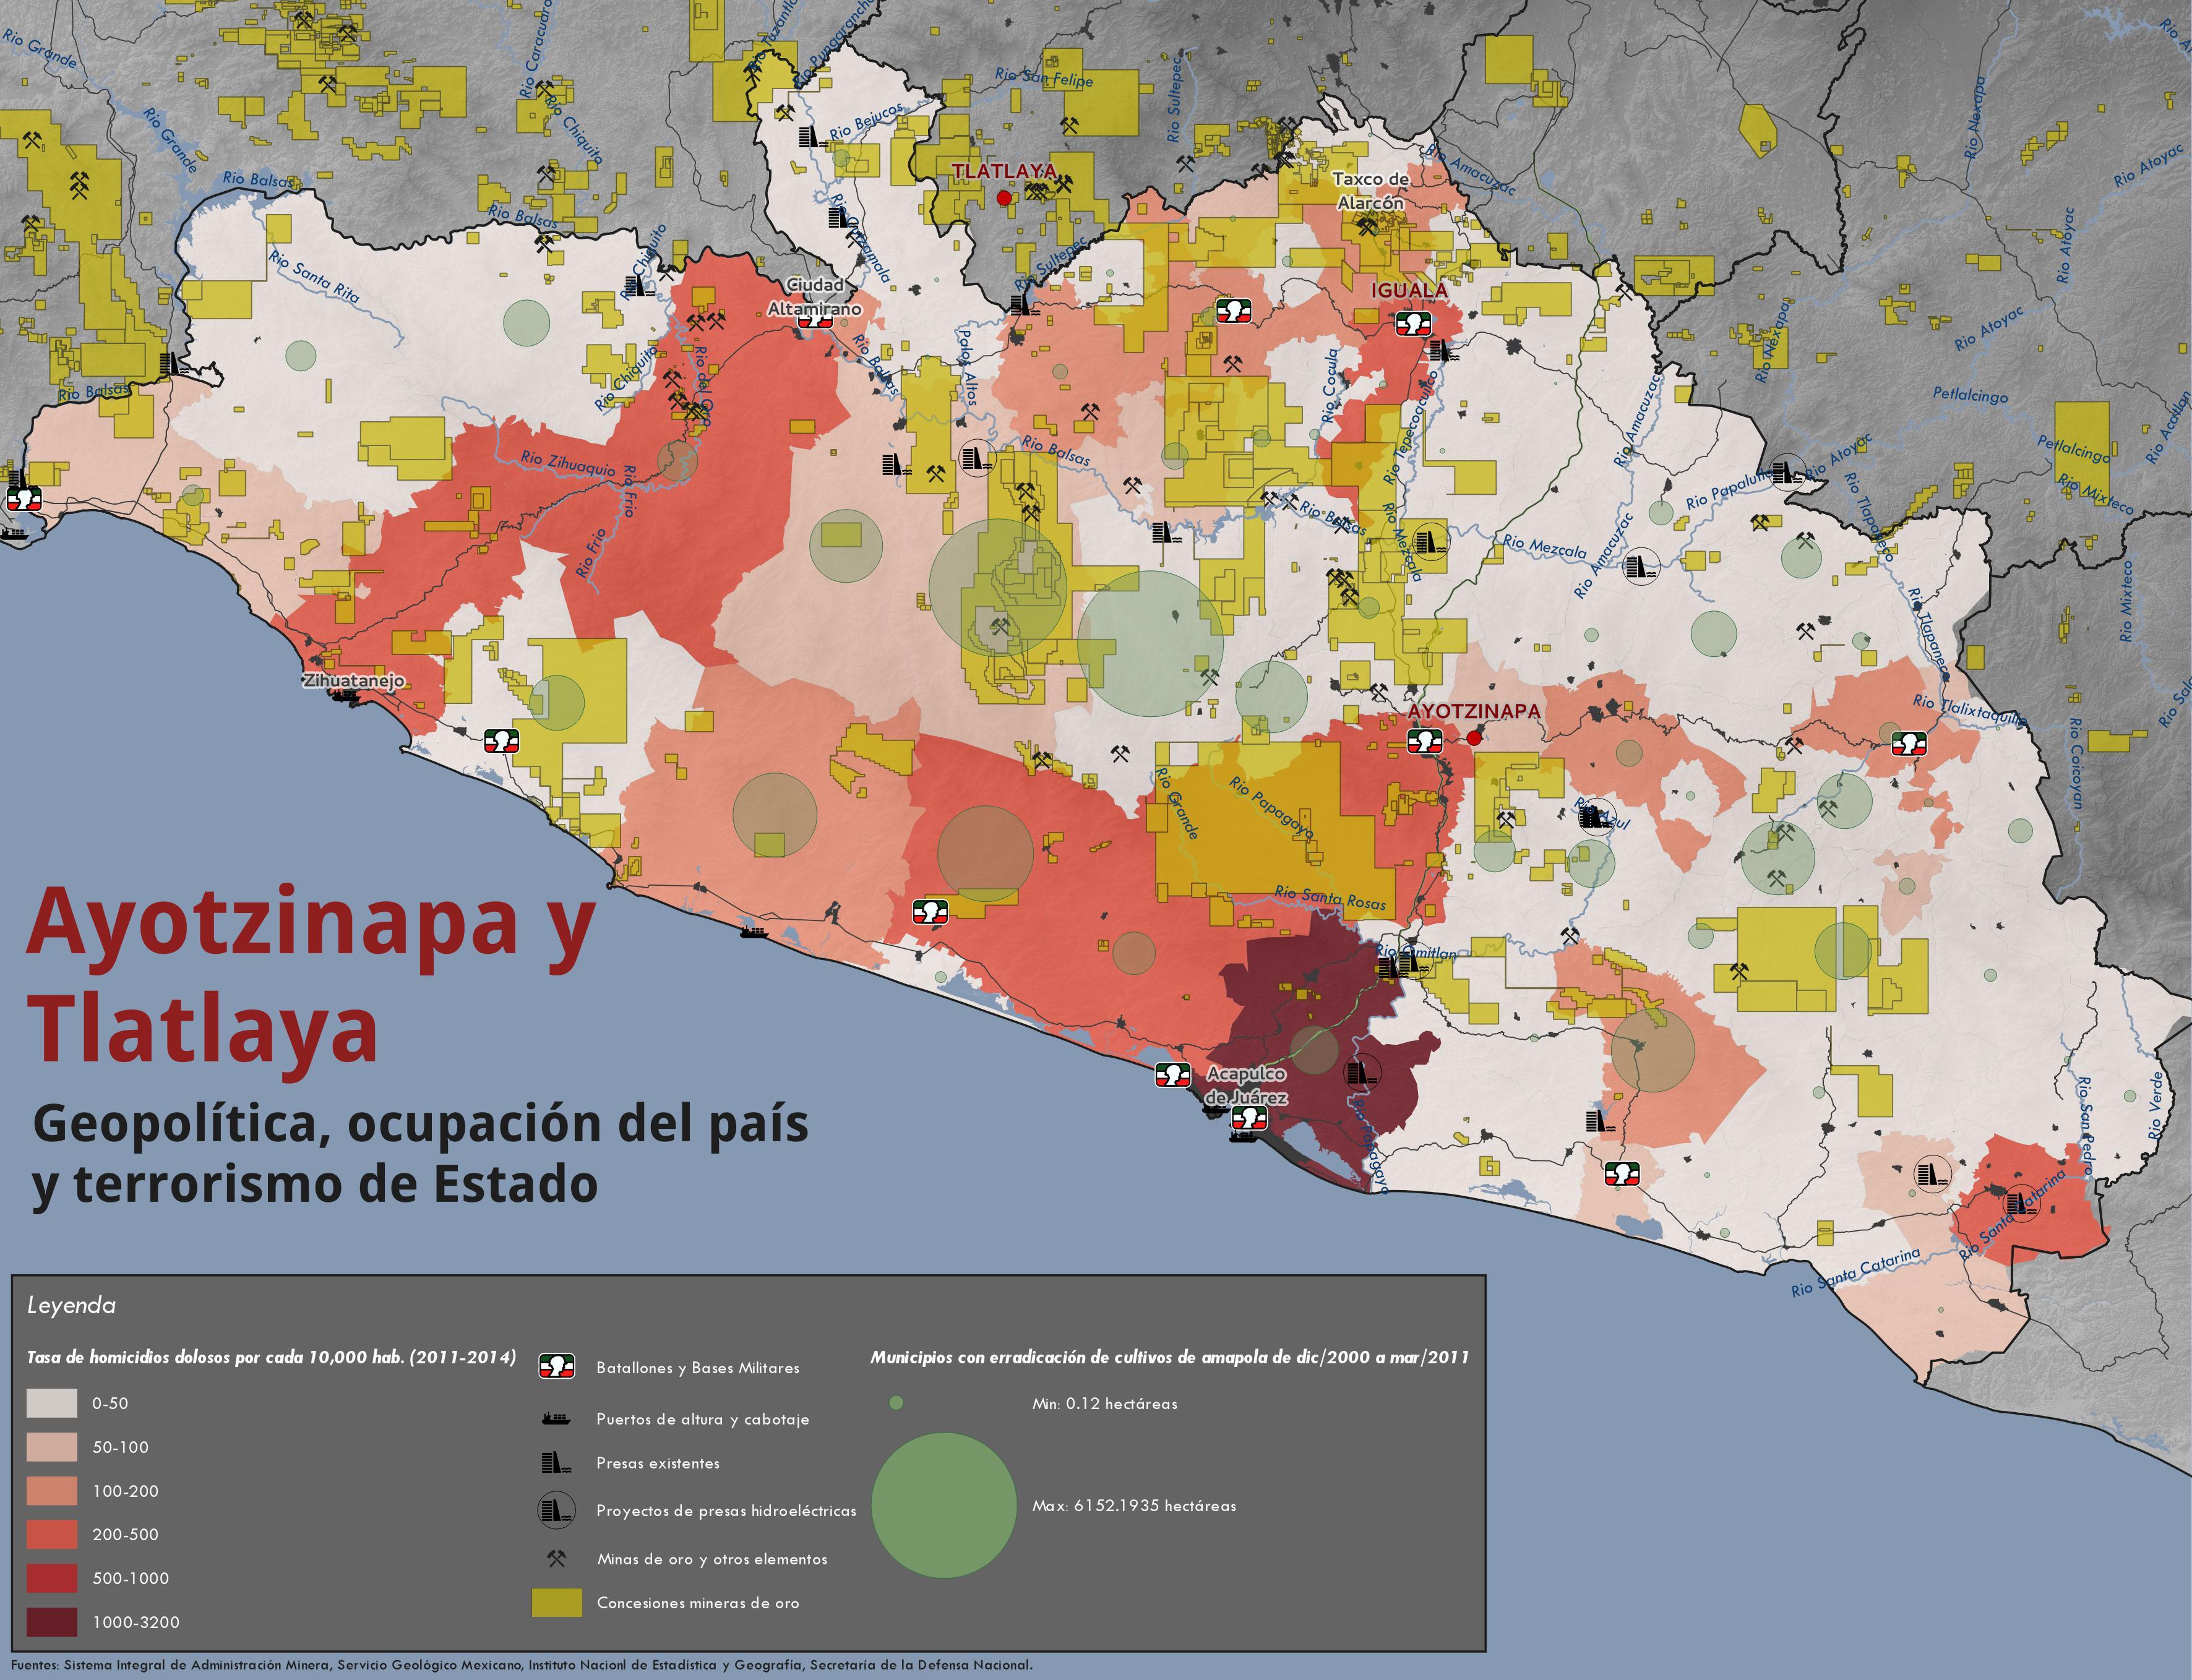 Ayotzinapa y Tlatlaya: Geopolítica, ocupación del país y terrorismo de Estado.